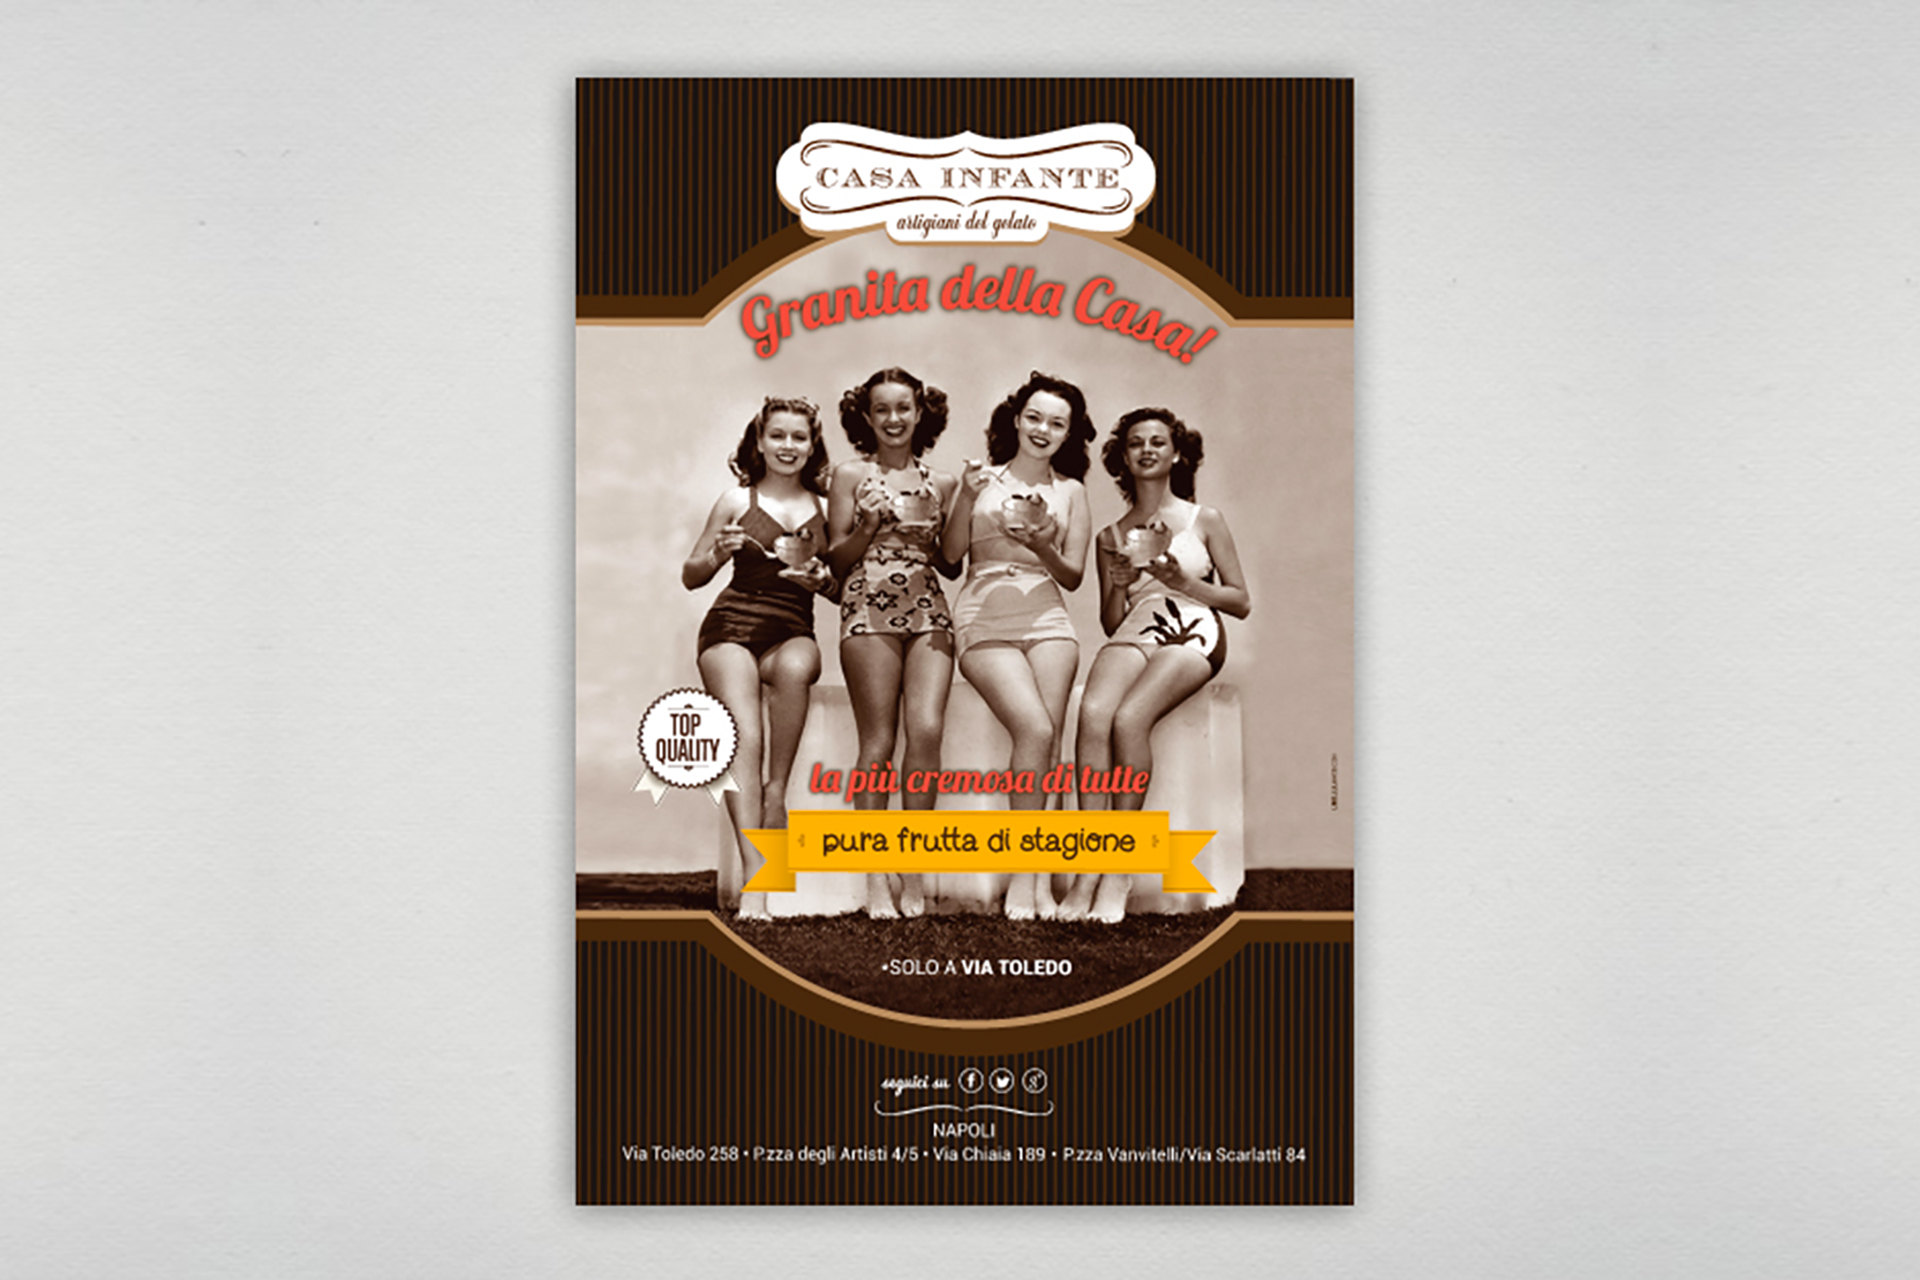 Comunicazione punto vendita Casa Infante - Agenzia pubblicitaria Napoli - Libellula Grafica Lab